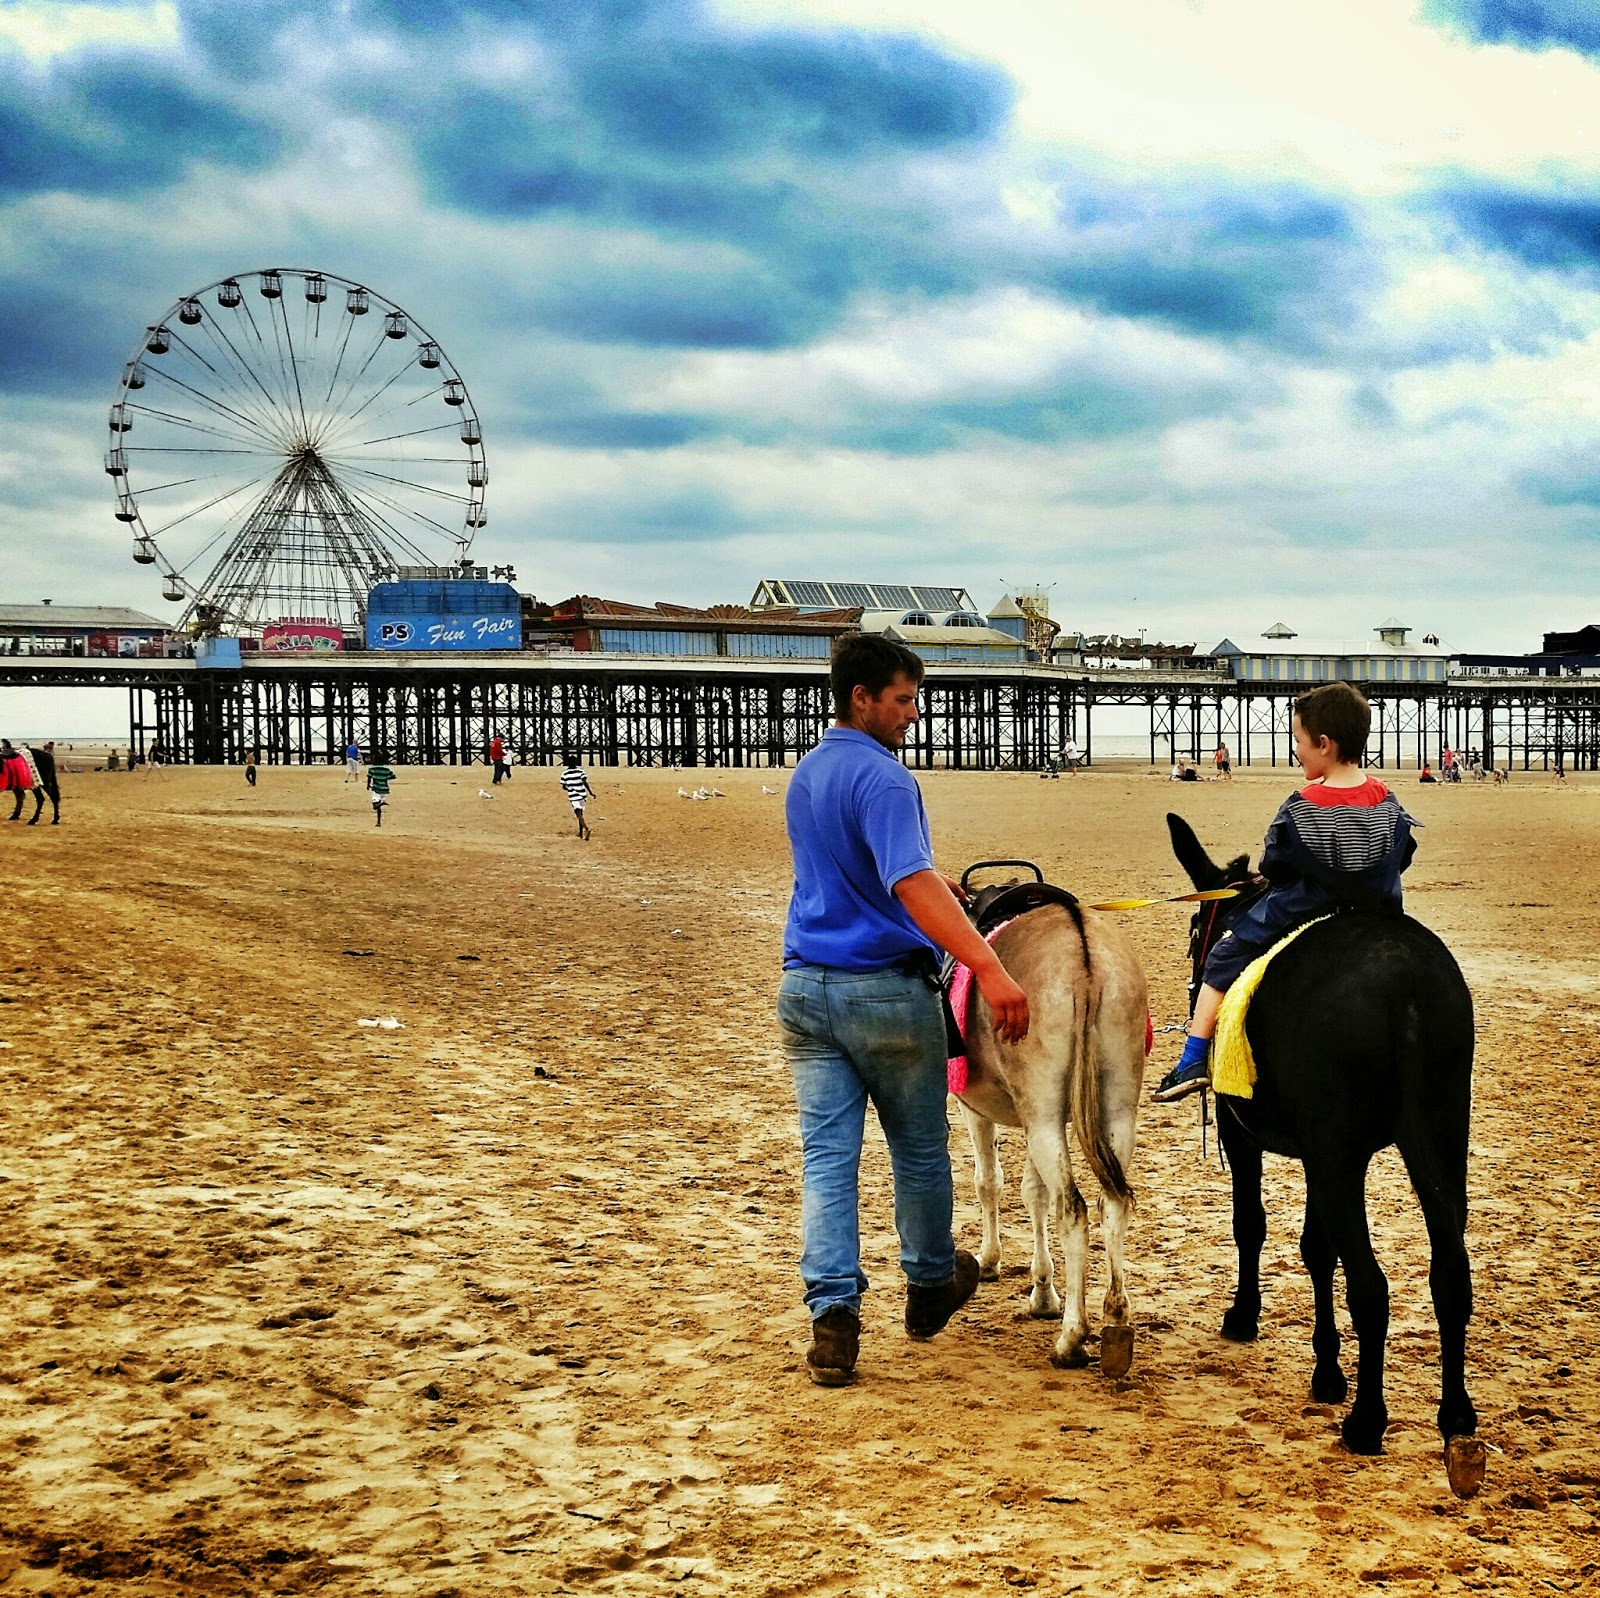 Blackpool donkey ride